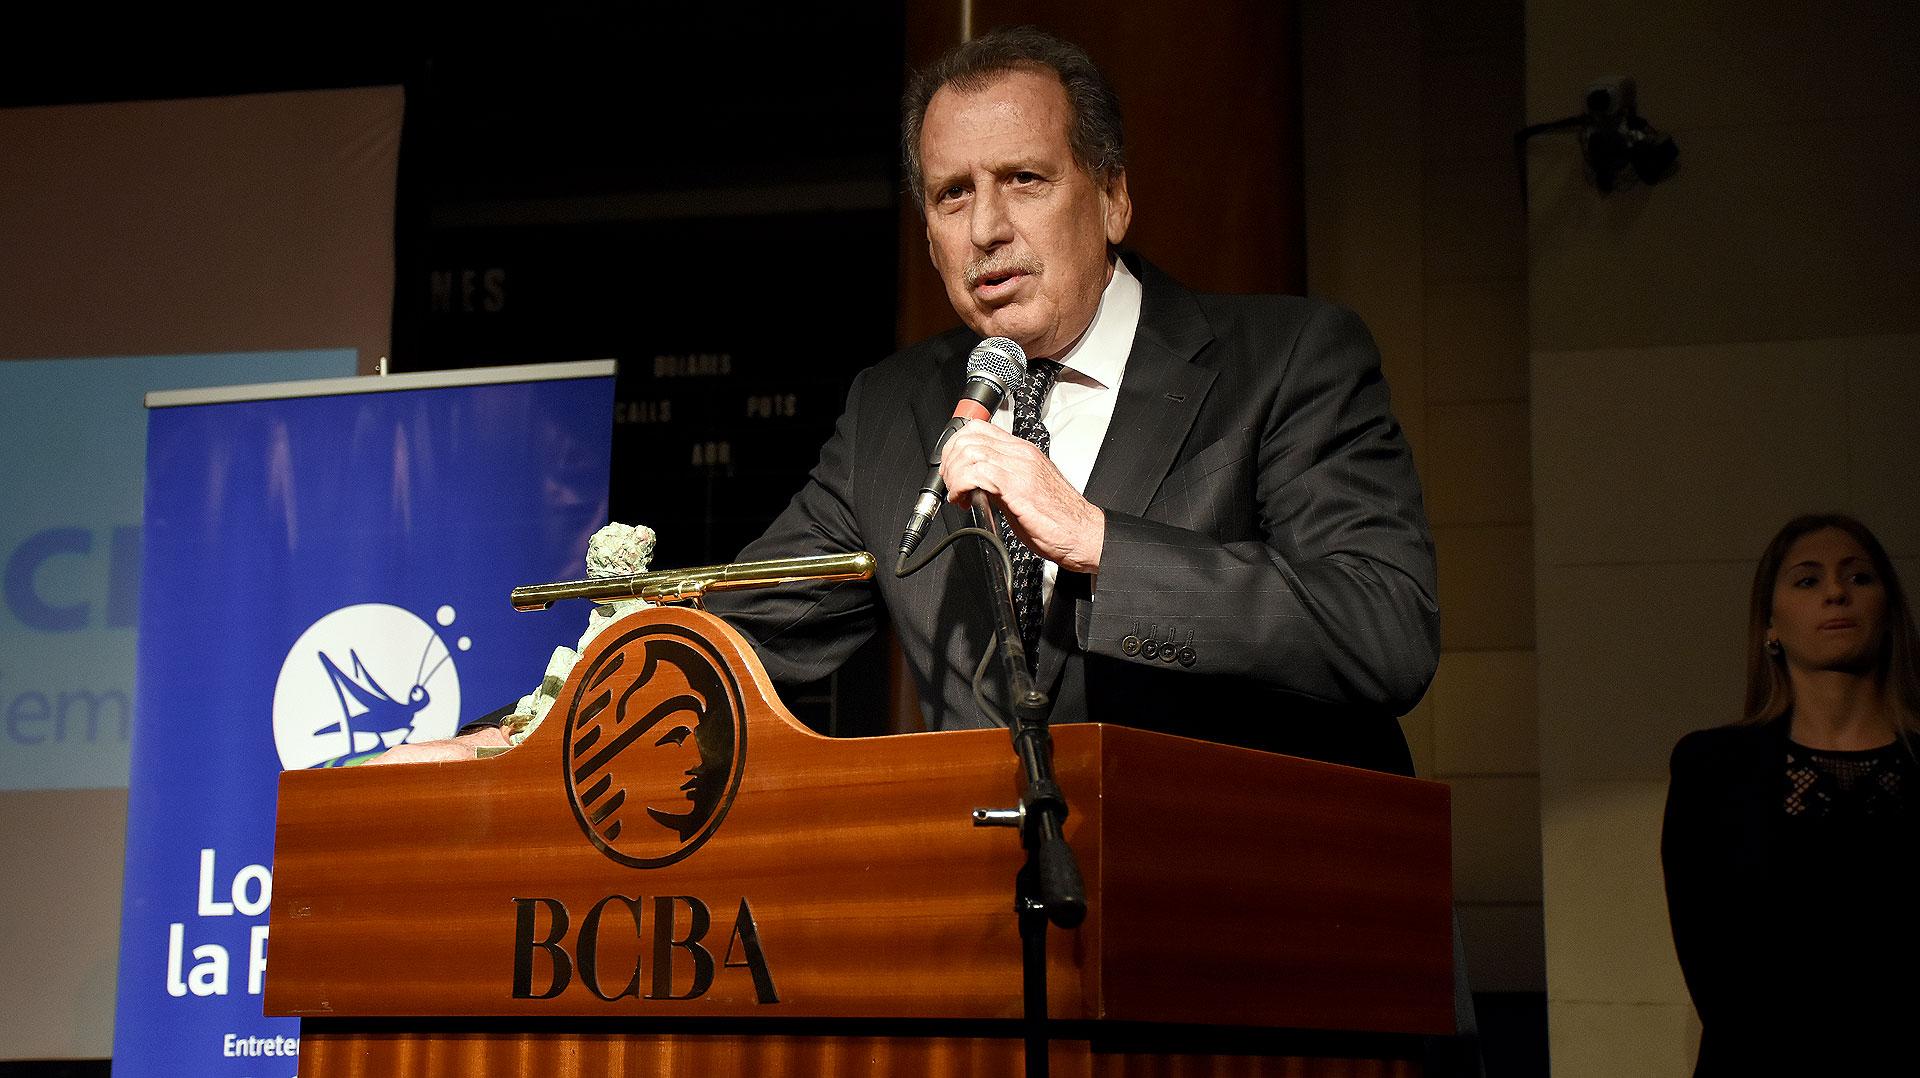 El empresario recibió una distinción en la entrega de los Premios Fortuna, cuya ceremonia se llevó a cabo en la Bolsa de Comercio de Buenos Aires (Nicolás Stulberg)